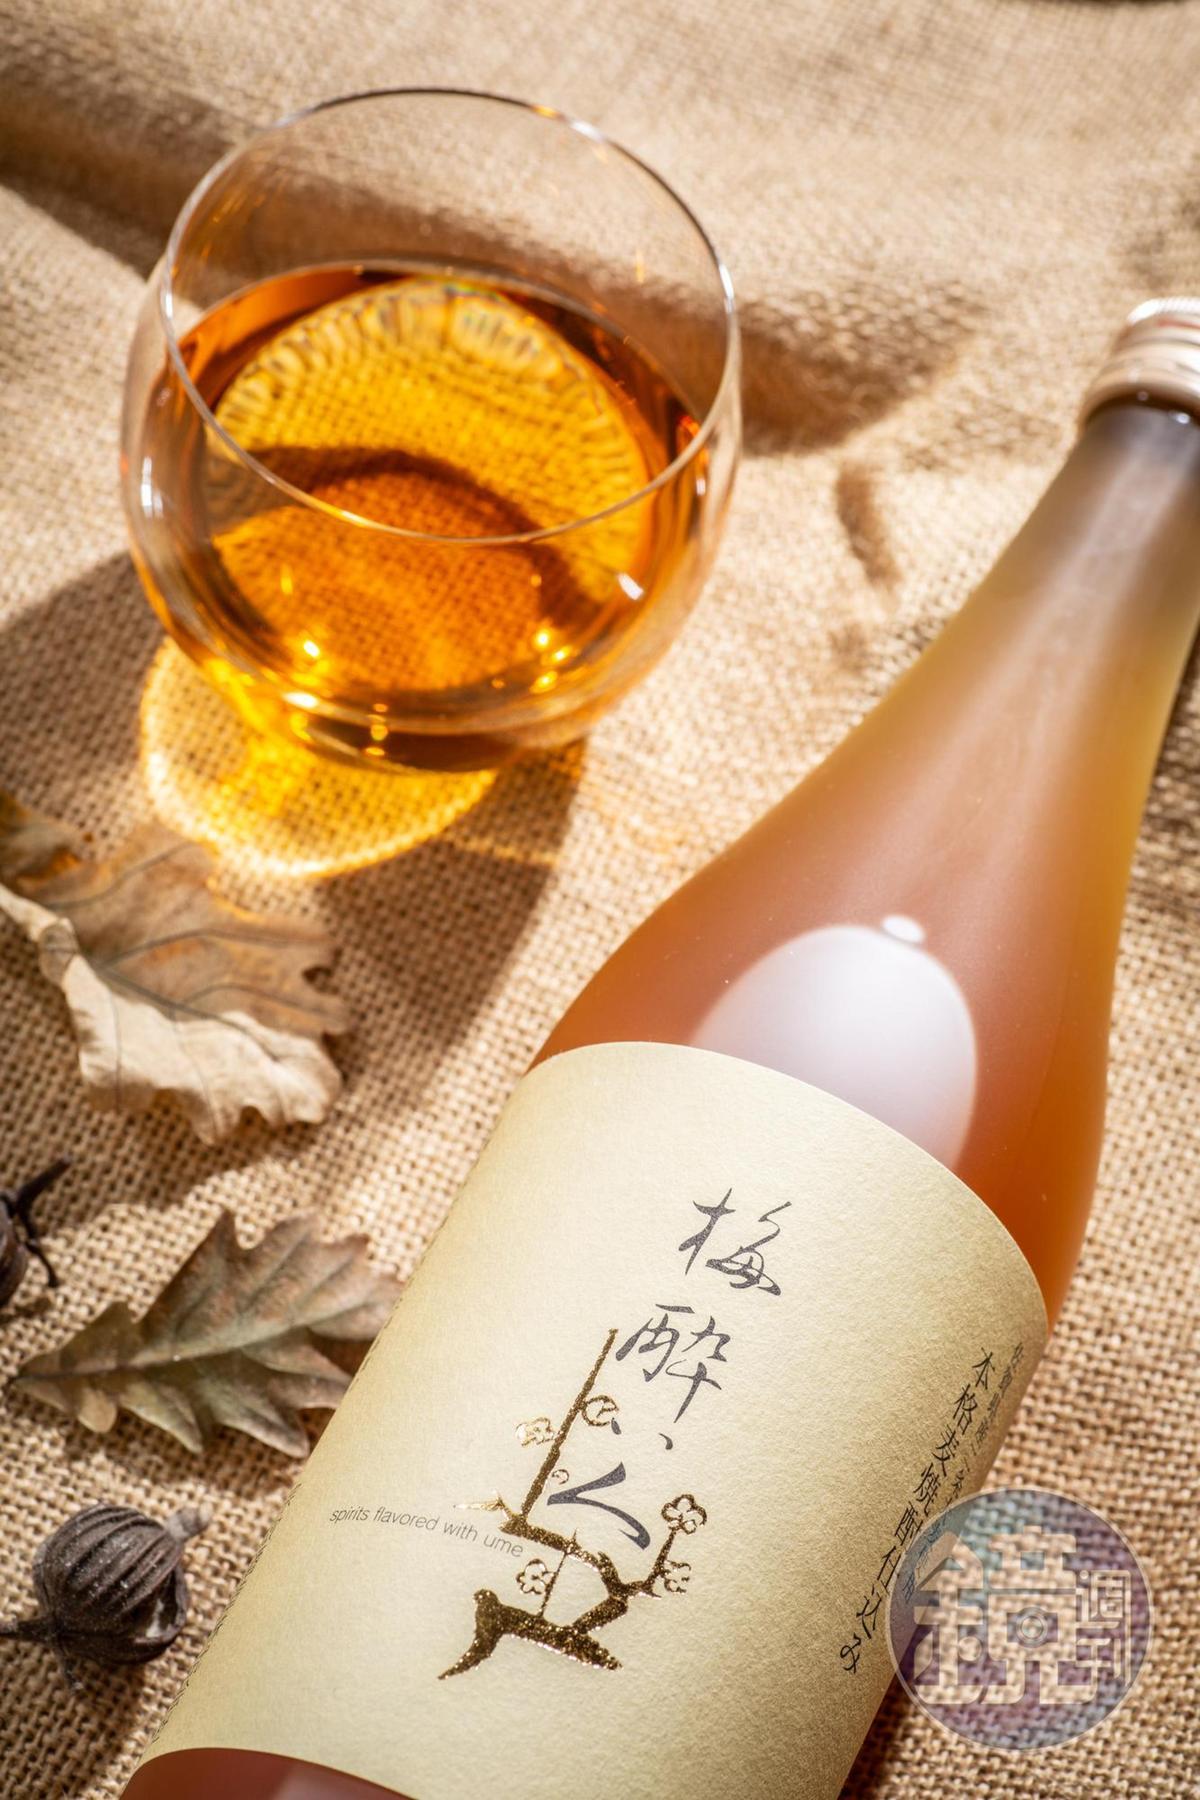 「宗政梅醉者梅酒」以本格麥燒酎Nonnoko當基酒,搭配佐賀青梅,使氣味芳香,甜中帶酸,還有燒酎的清冽口感。(990元/瓶)